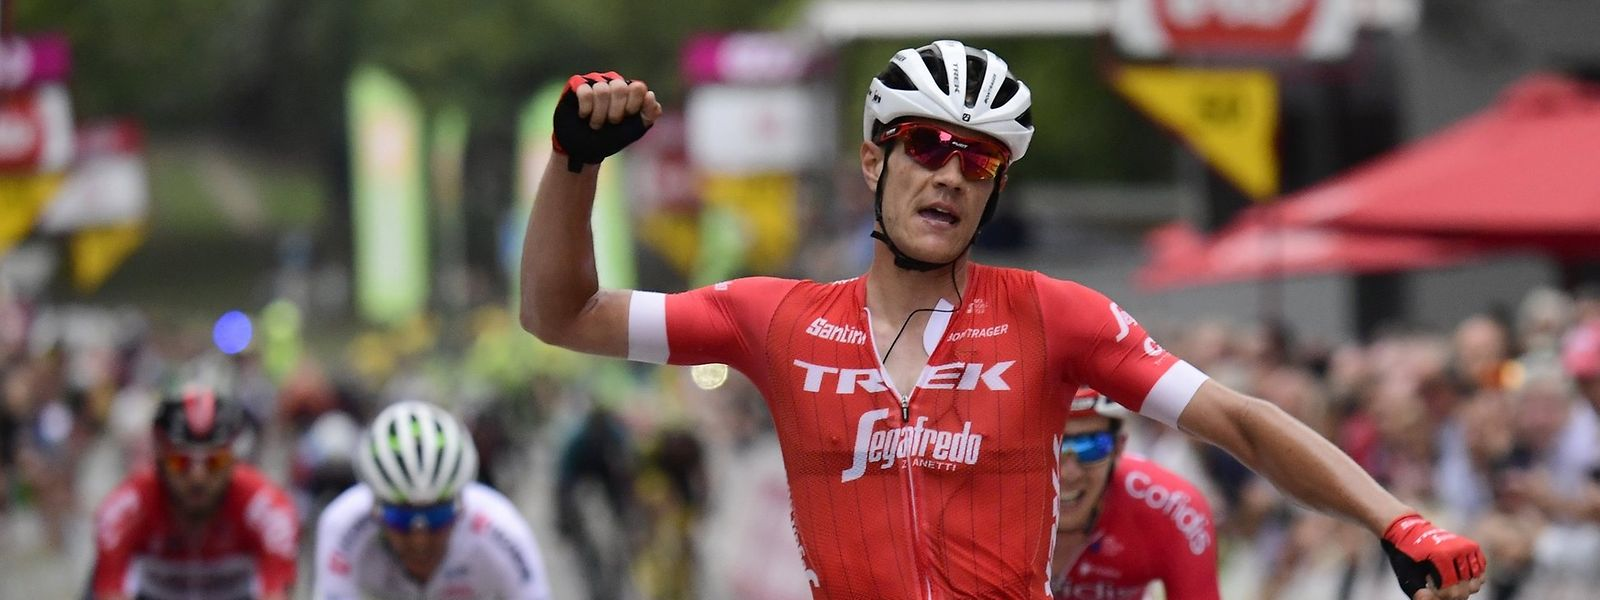 Jasper Stuyven a fait parler sa puissance pour inscrire son nom au palmarès du GP de Wallonie.